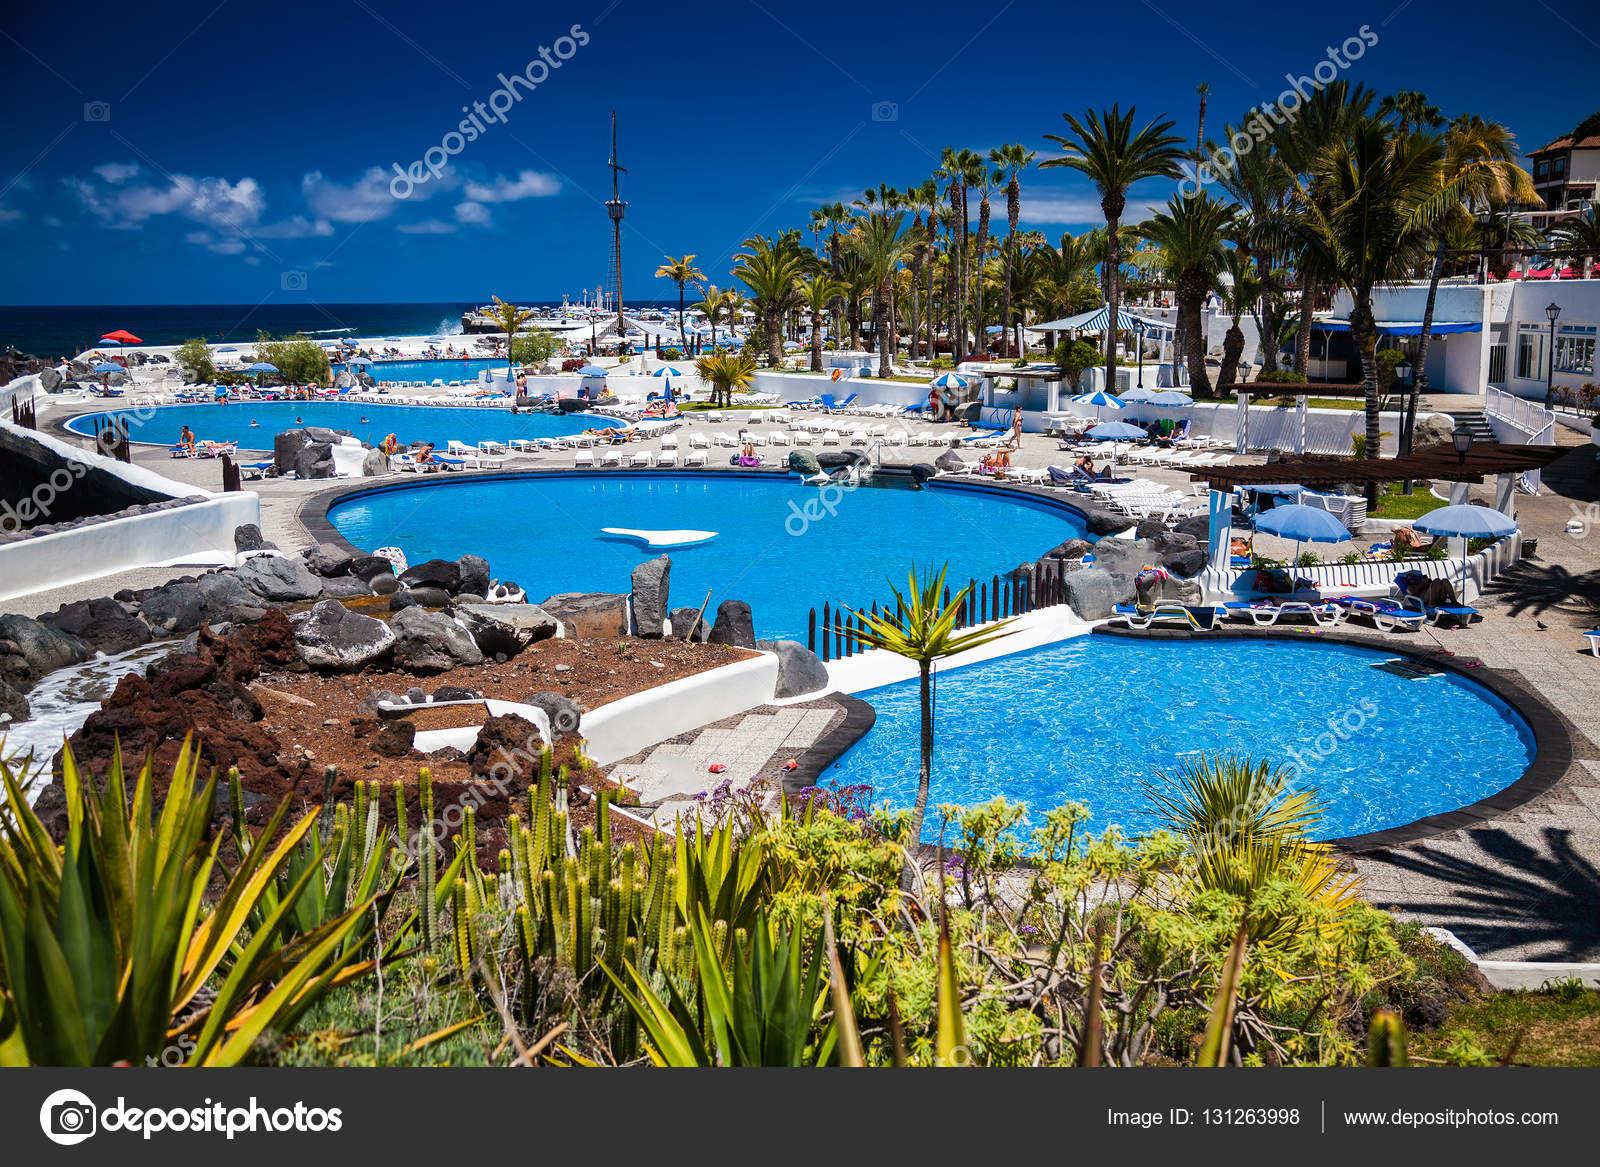 El complejo de piscinas lago marti nez foto de stock for Piscinas martianez